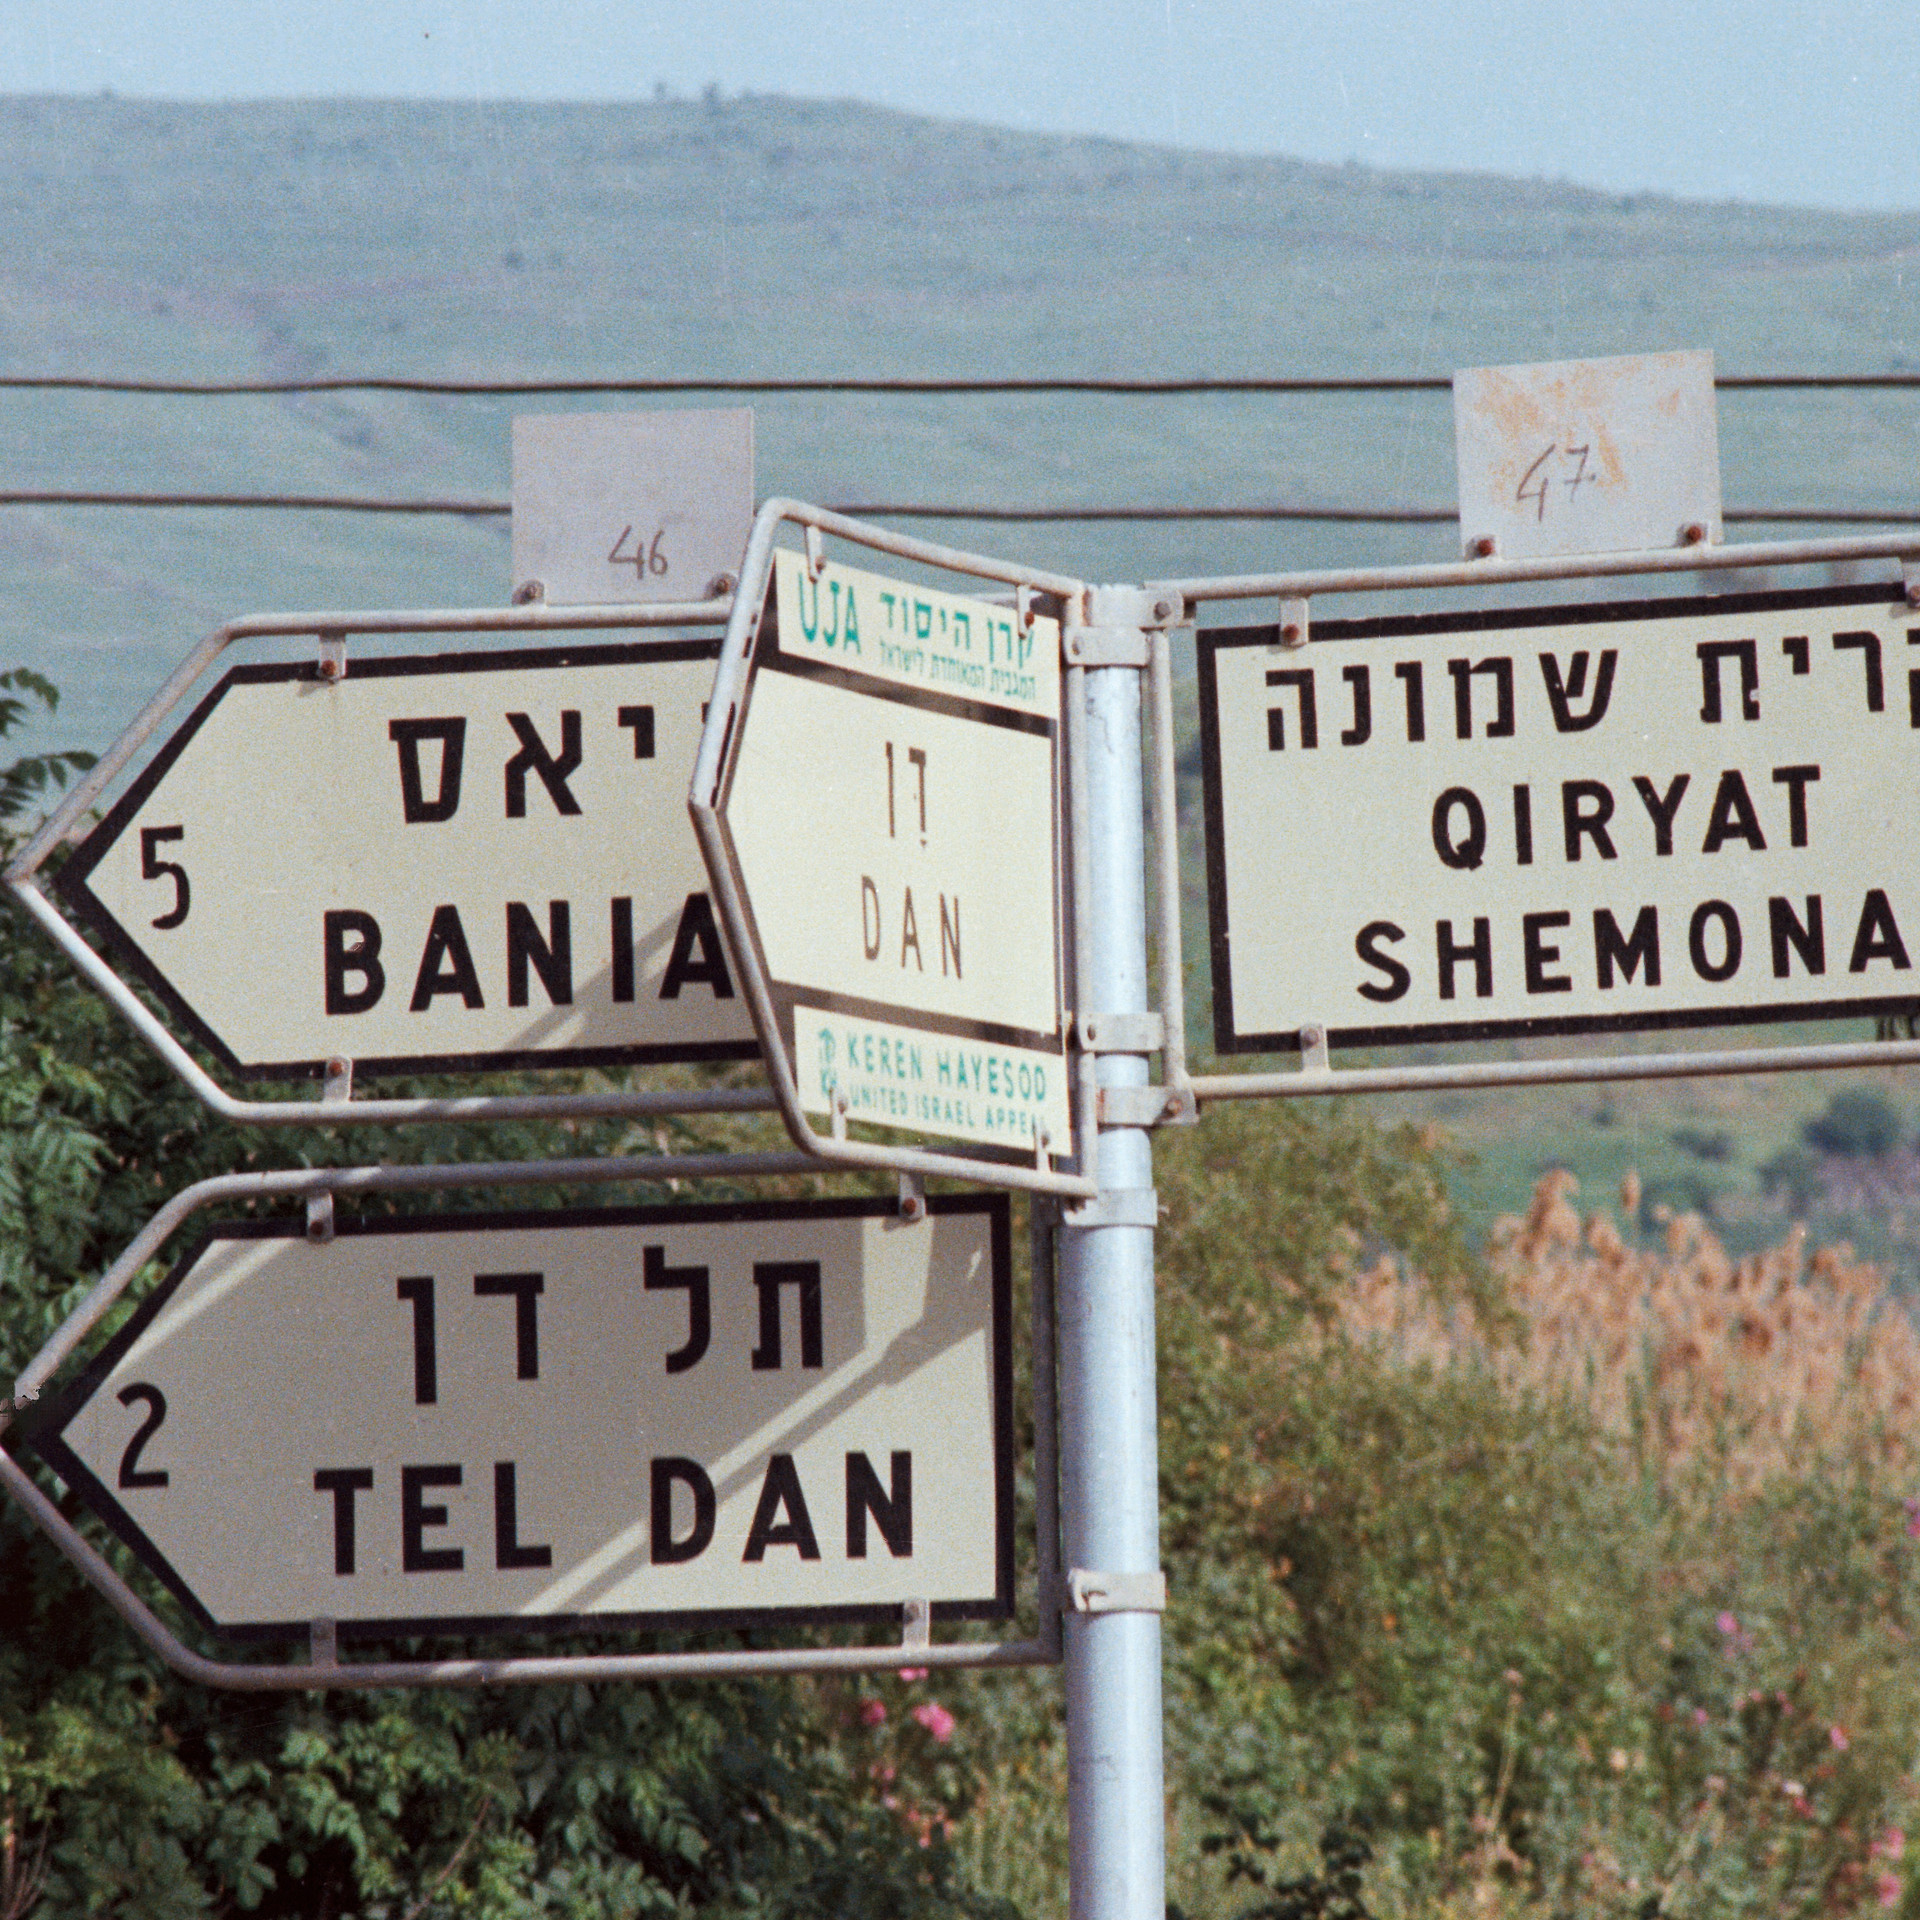 Just outside Kibbutz